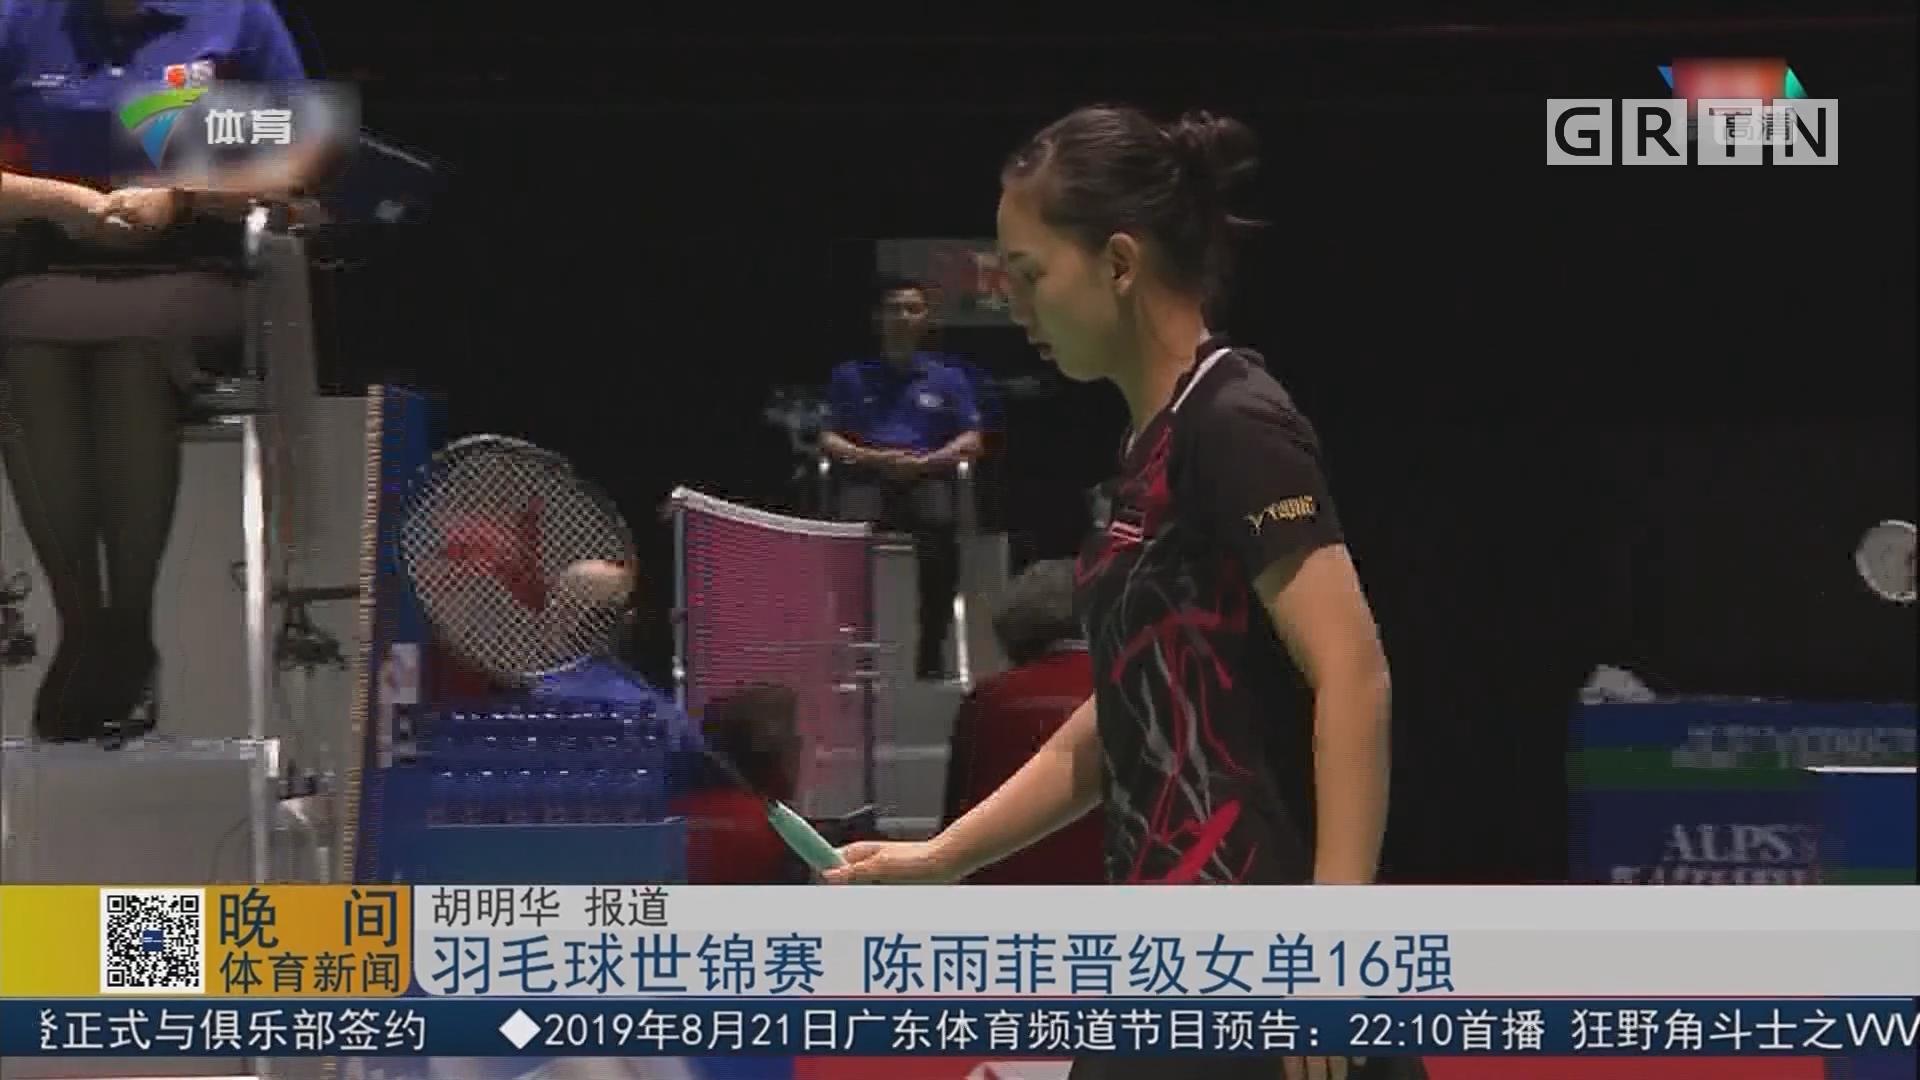 羽毛球世锦赛 陈雨菲晋级女单16强